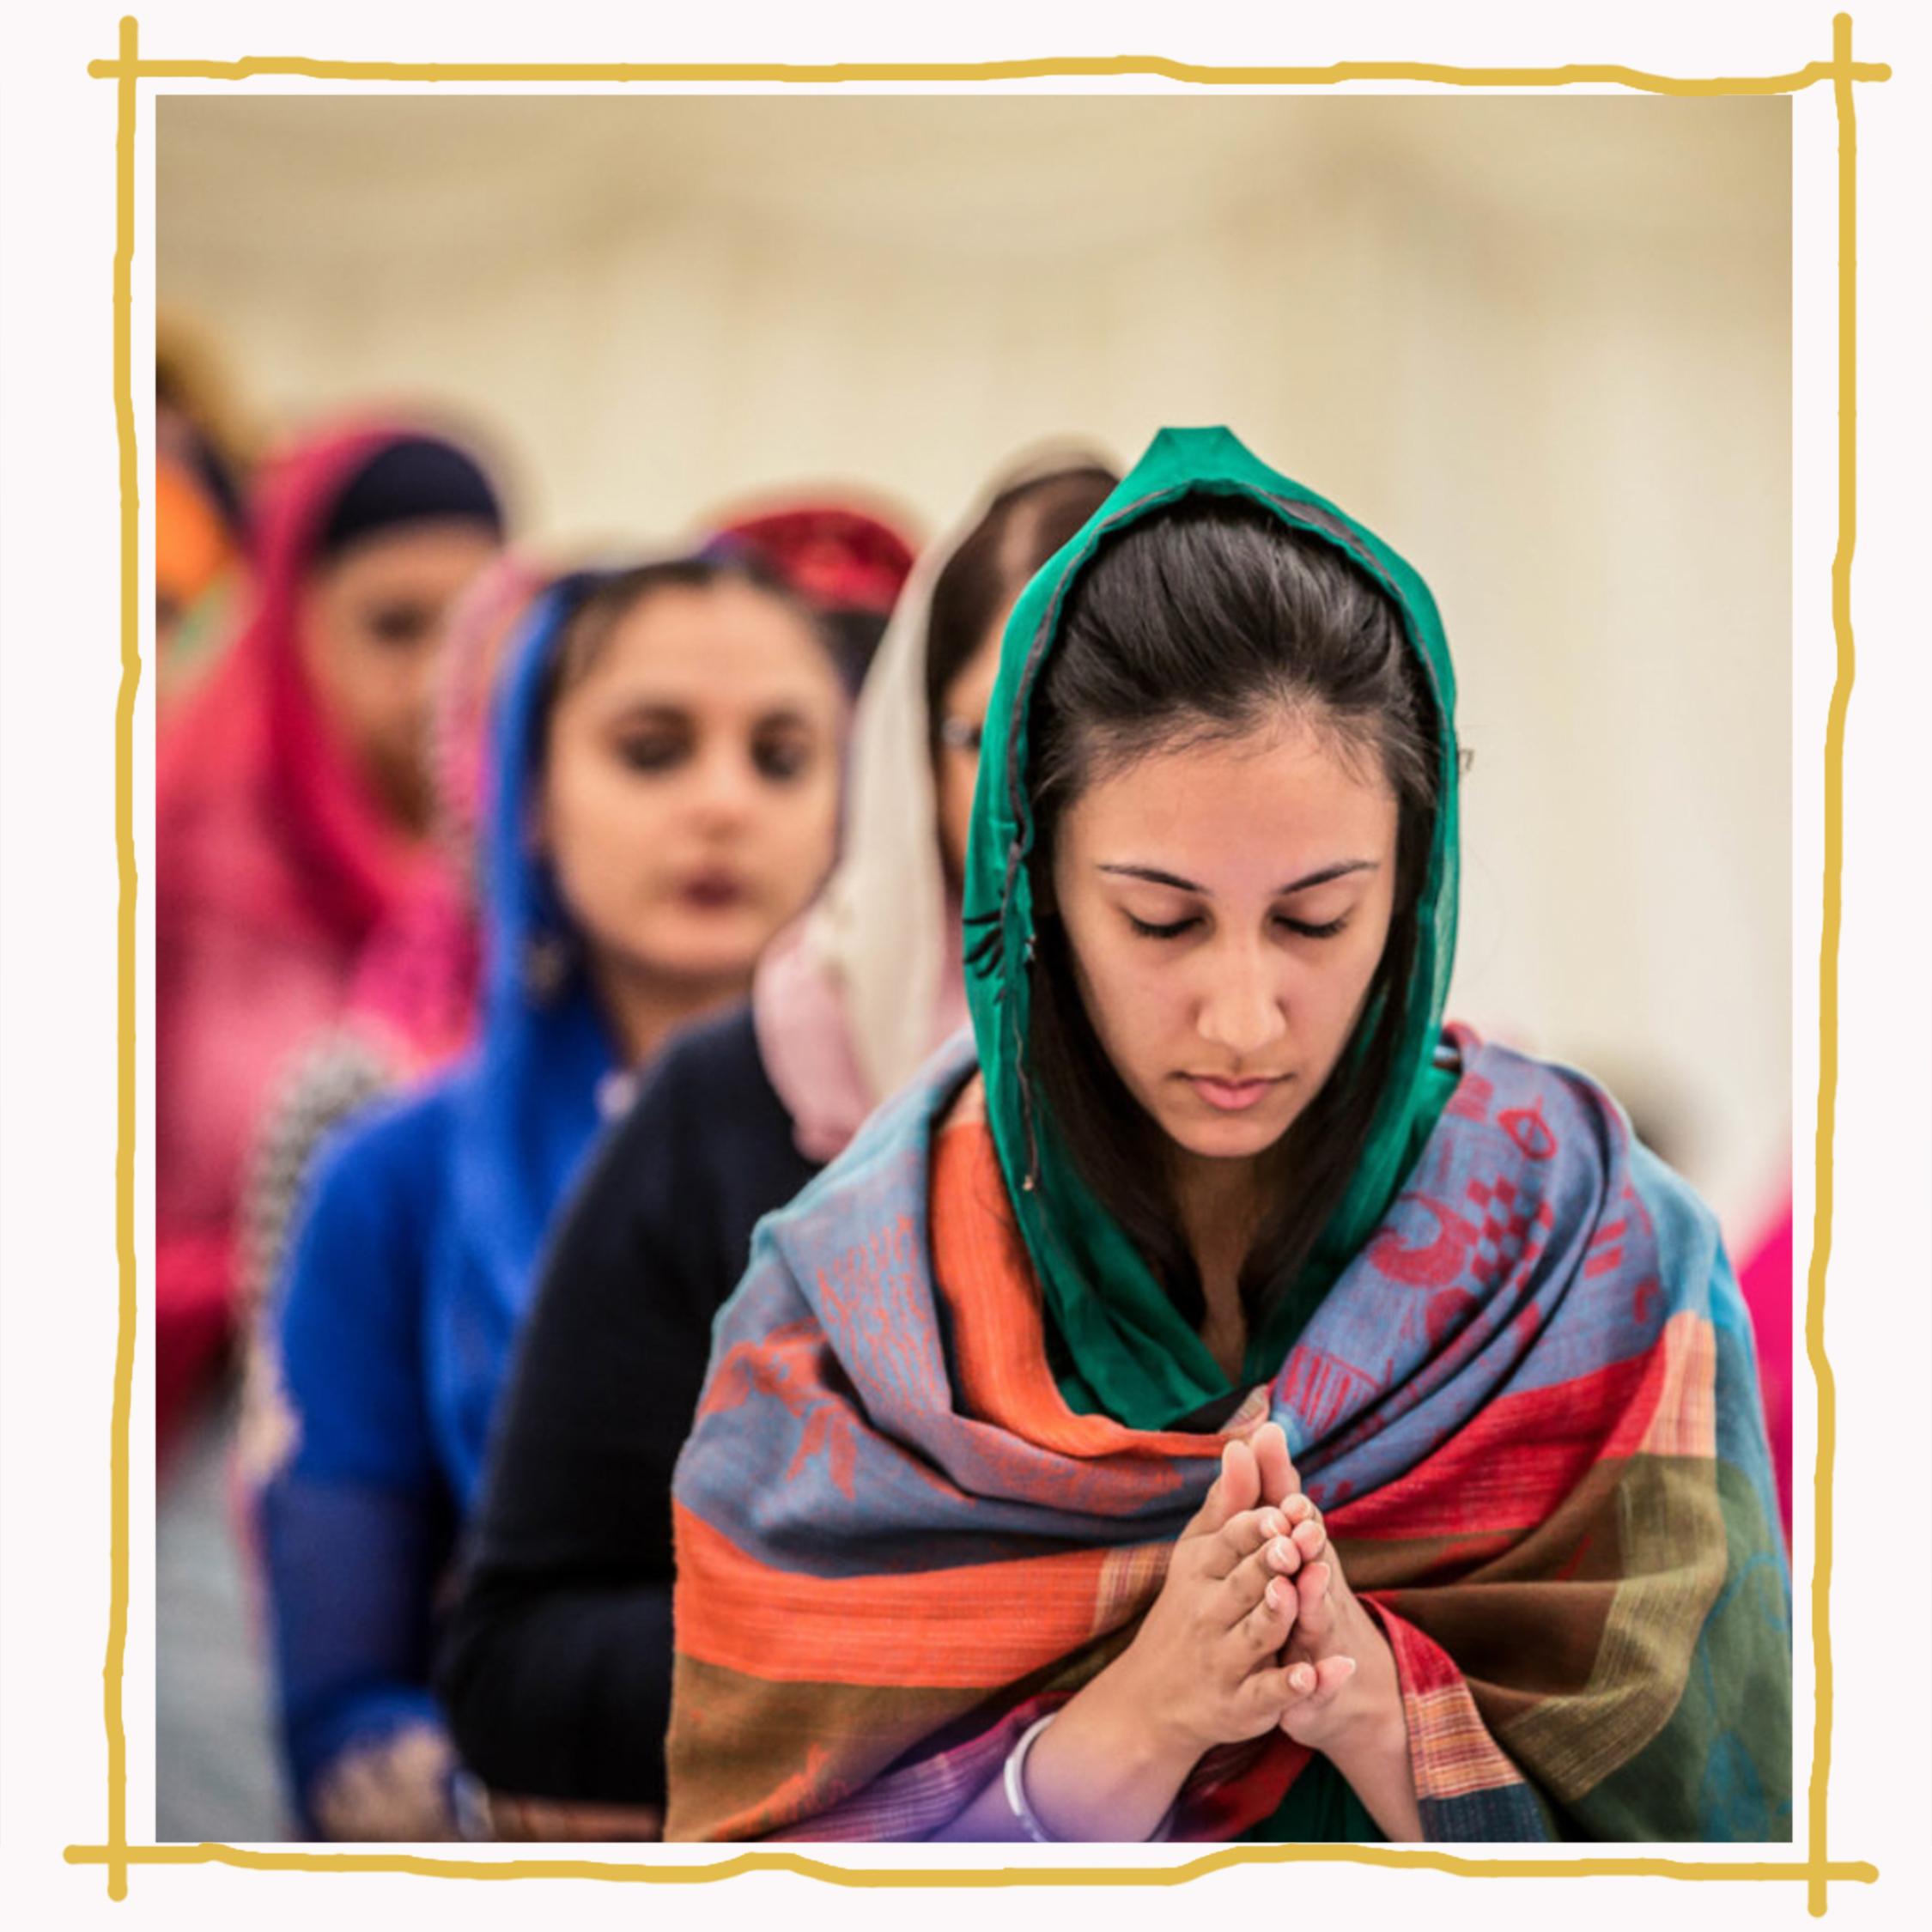 Sikh women in prayer  Image: Kaur Life